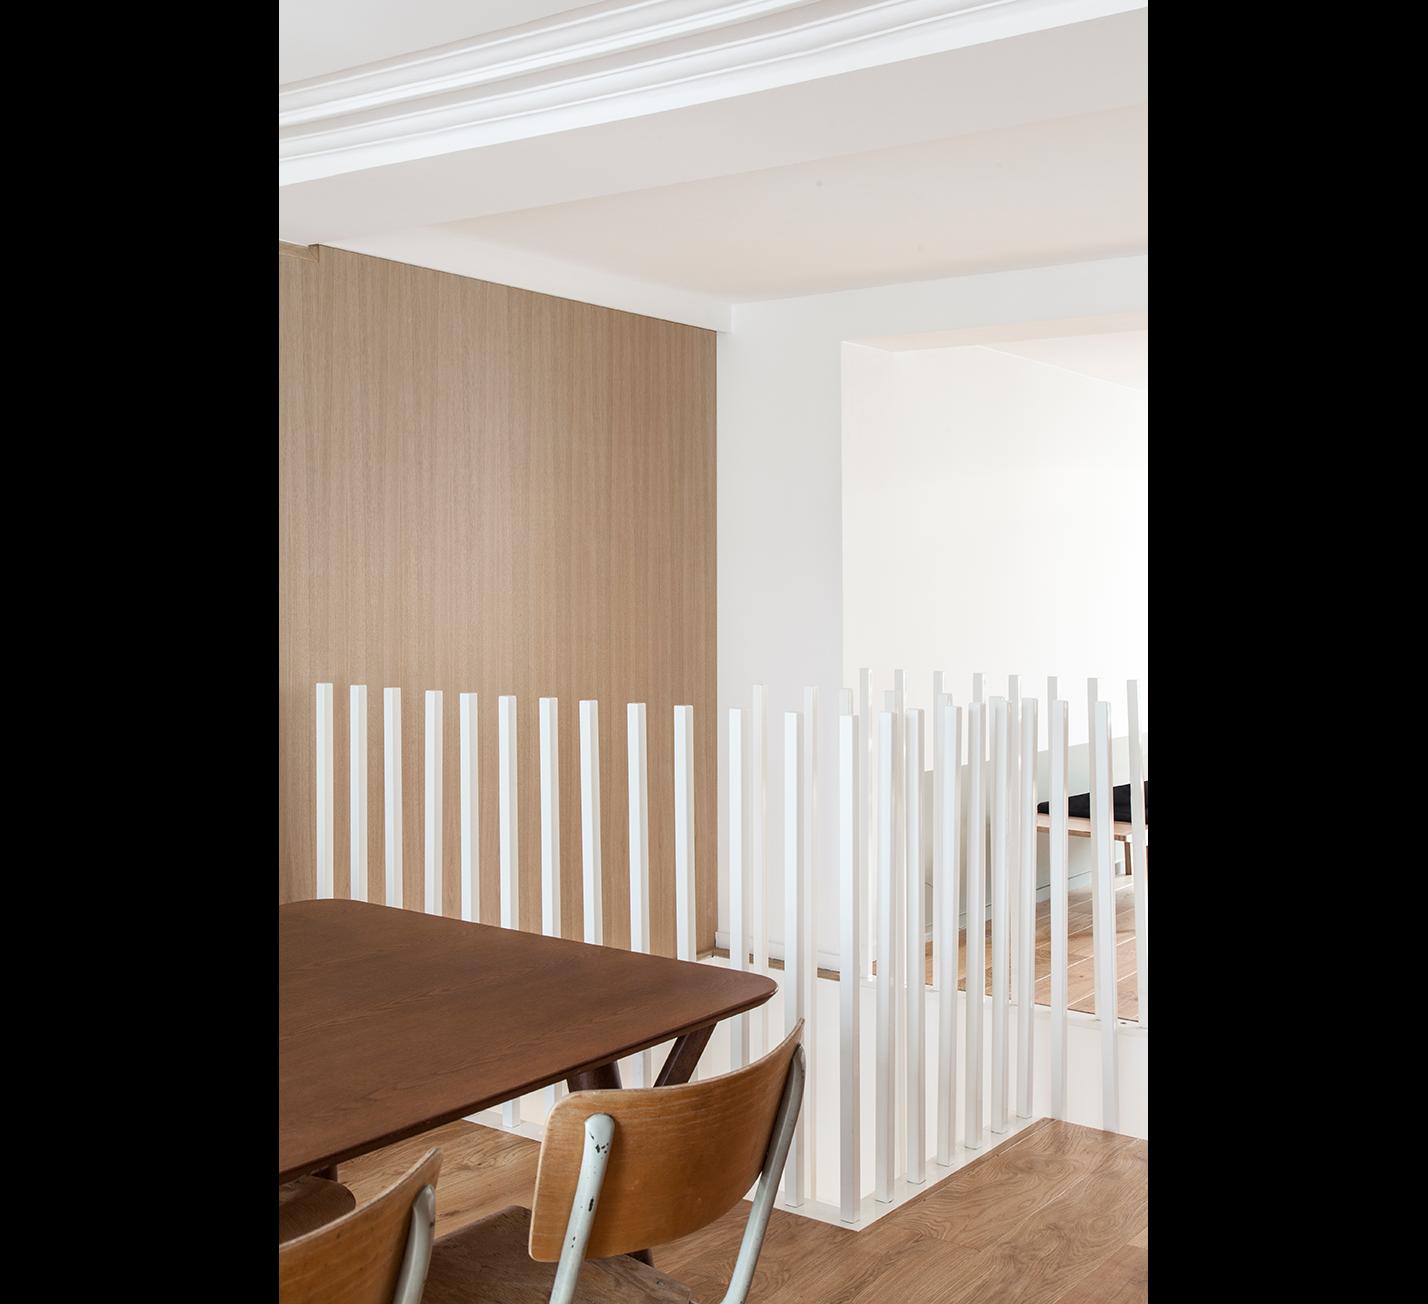 Projet-Pigalle-Atelier-Steve-Pauline-Borgia-Architecture-interieur-05